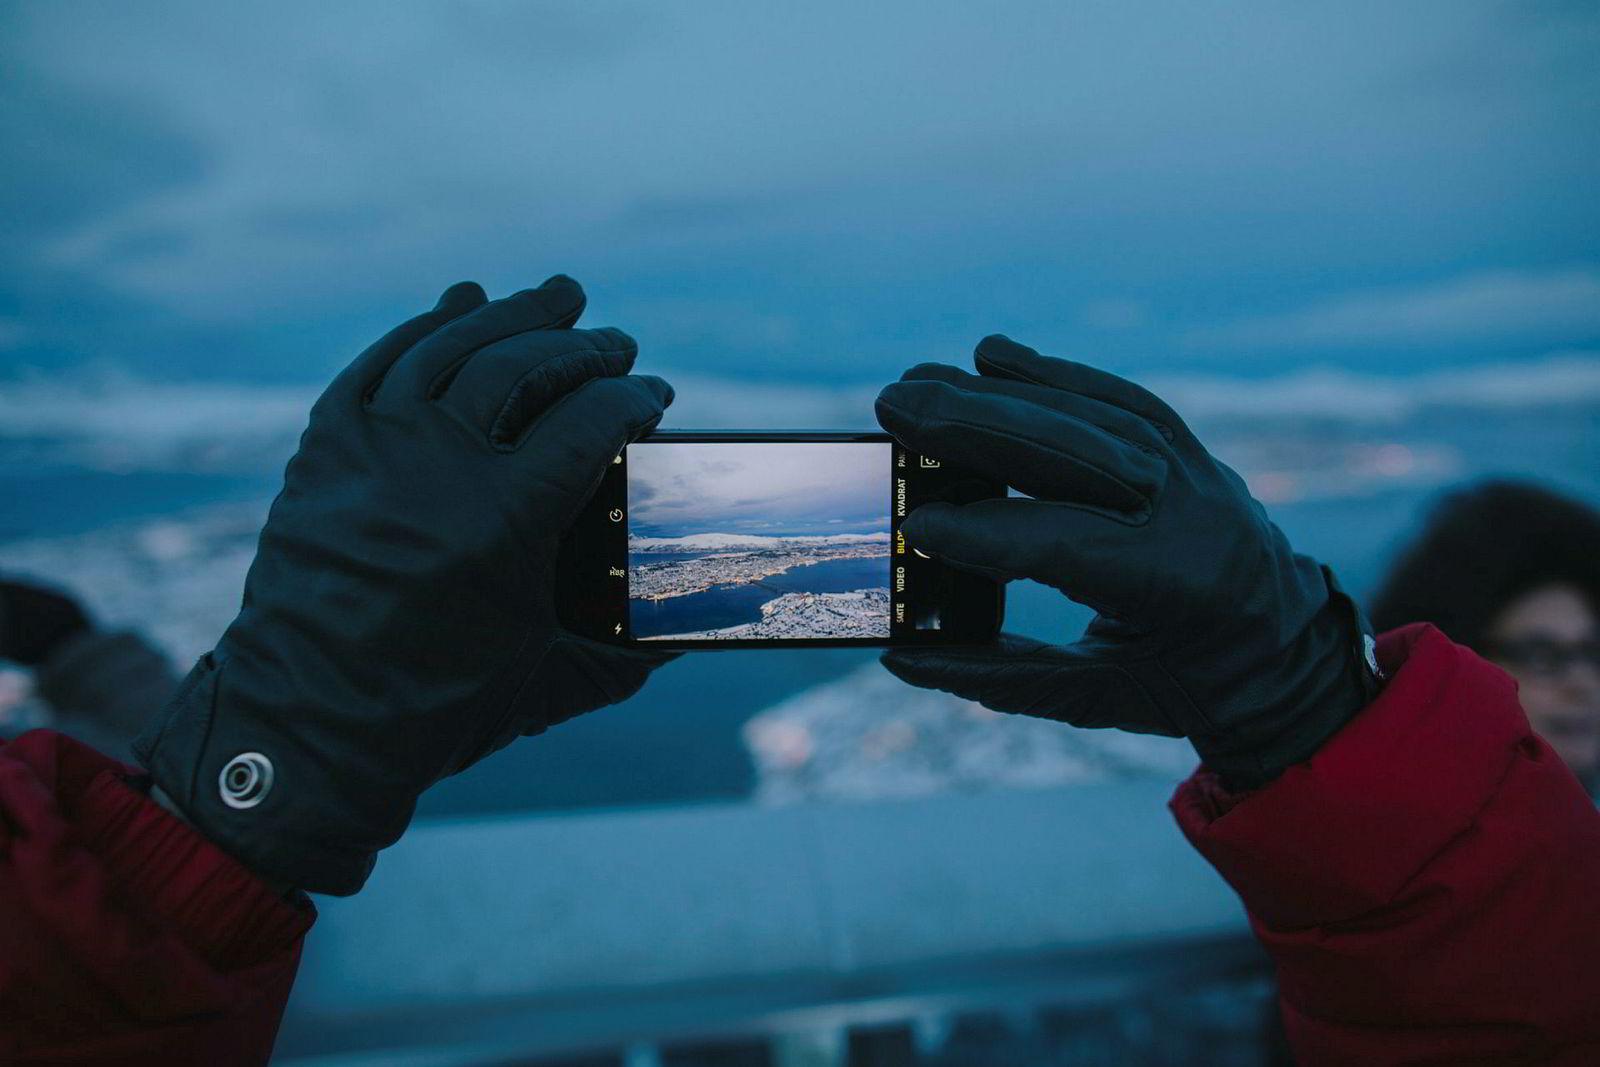 De kinesiske studentene fant ut om Tromsø gjennom internett, men ble også anbefalt av venner å reise til Tromsø. På spørsmål om opplevelsen svarer Xuedi Dou «It's fantastic!».